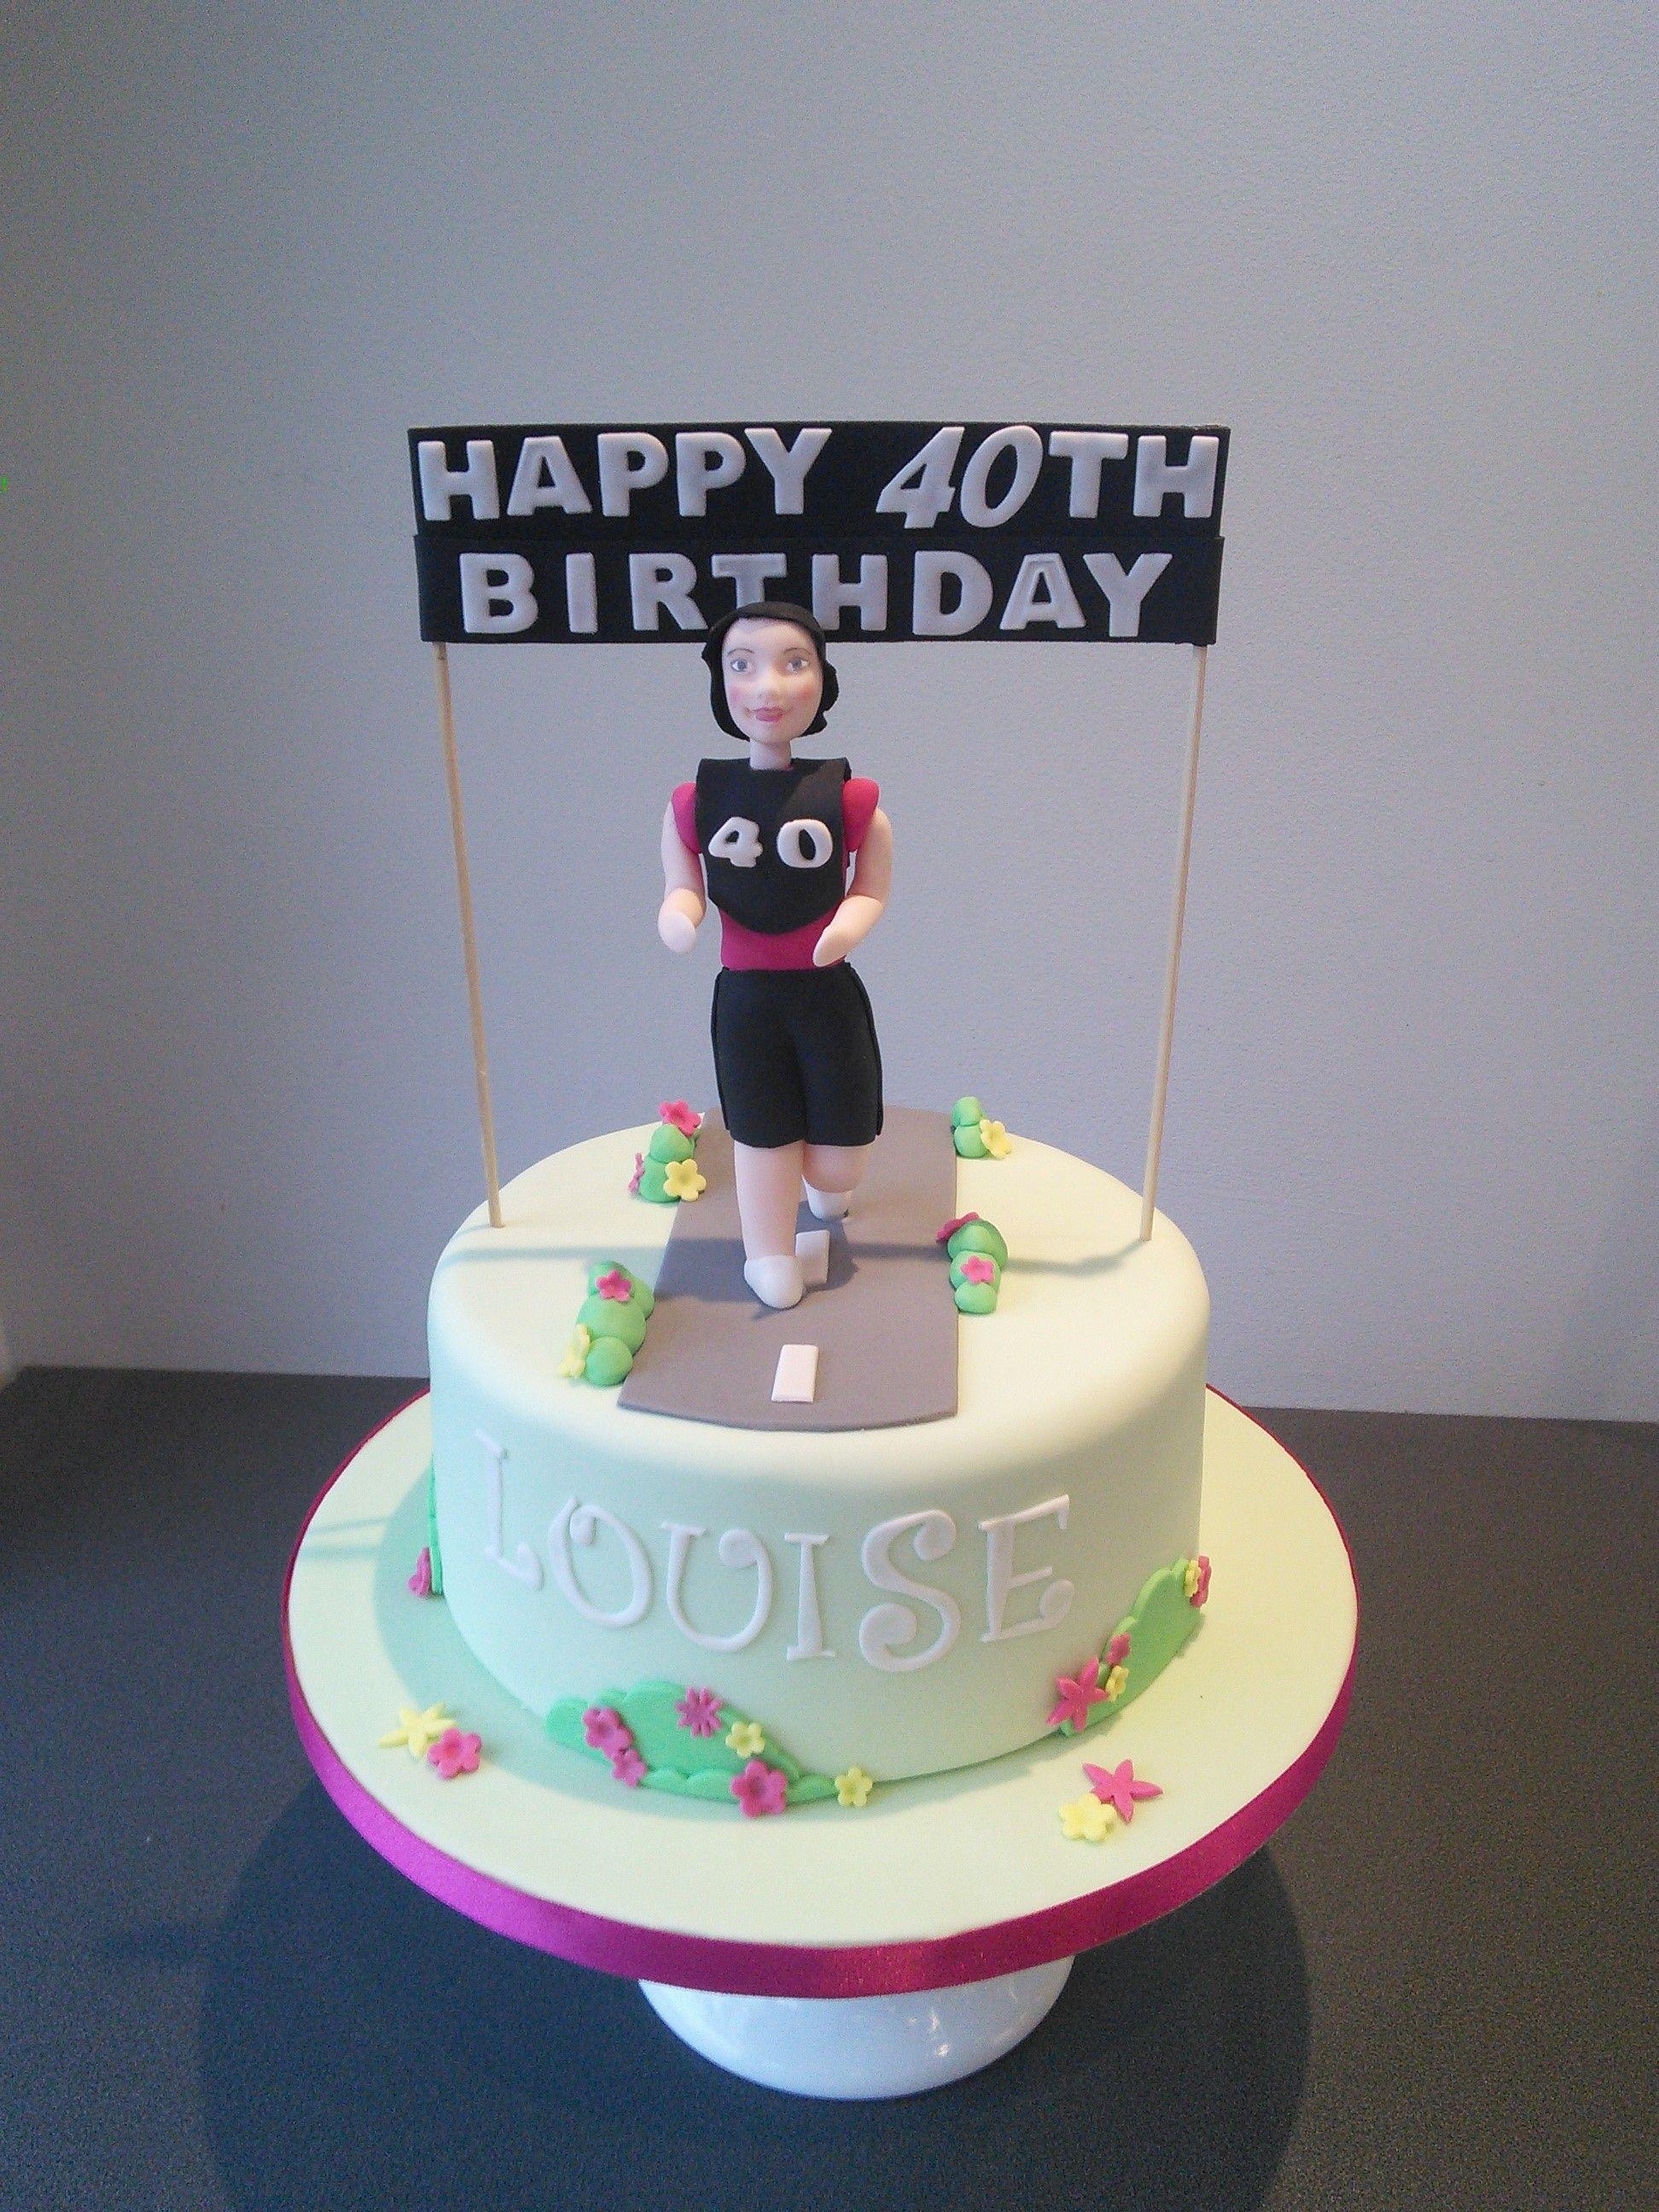 Strange 40Th Birthday Cake Woman Running Running Cake Birthday Cakes Funny Birthday Cards Online Alyptdamsfinfo